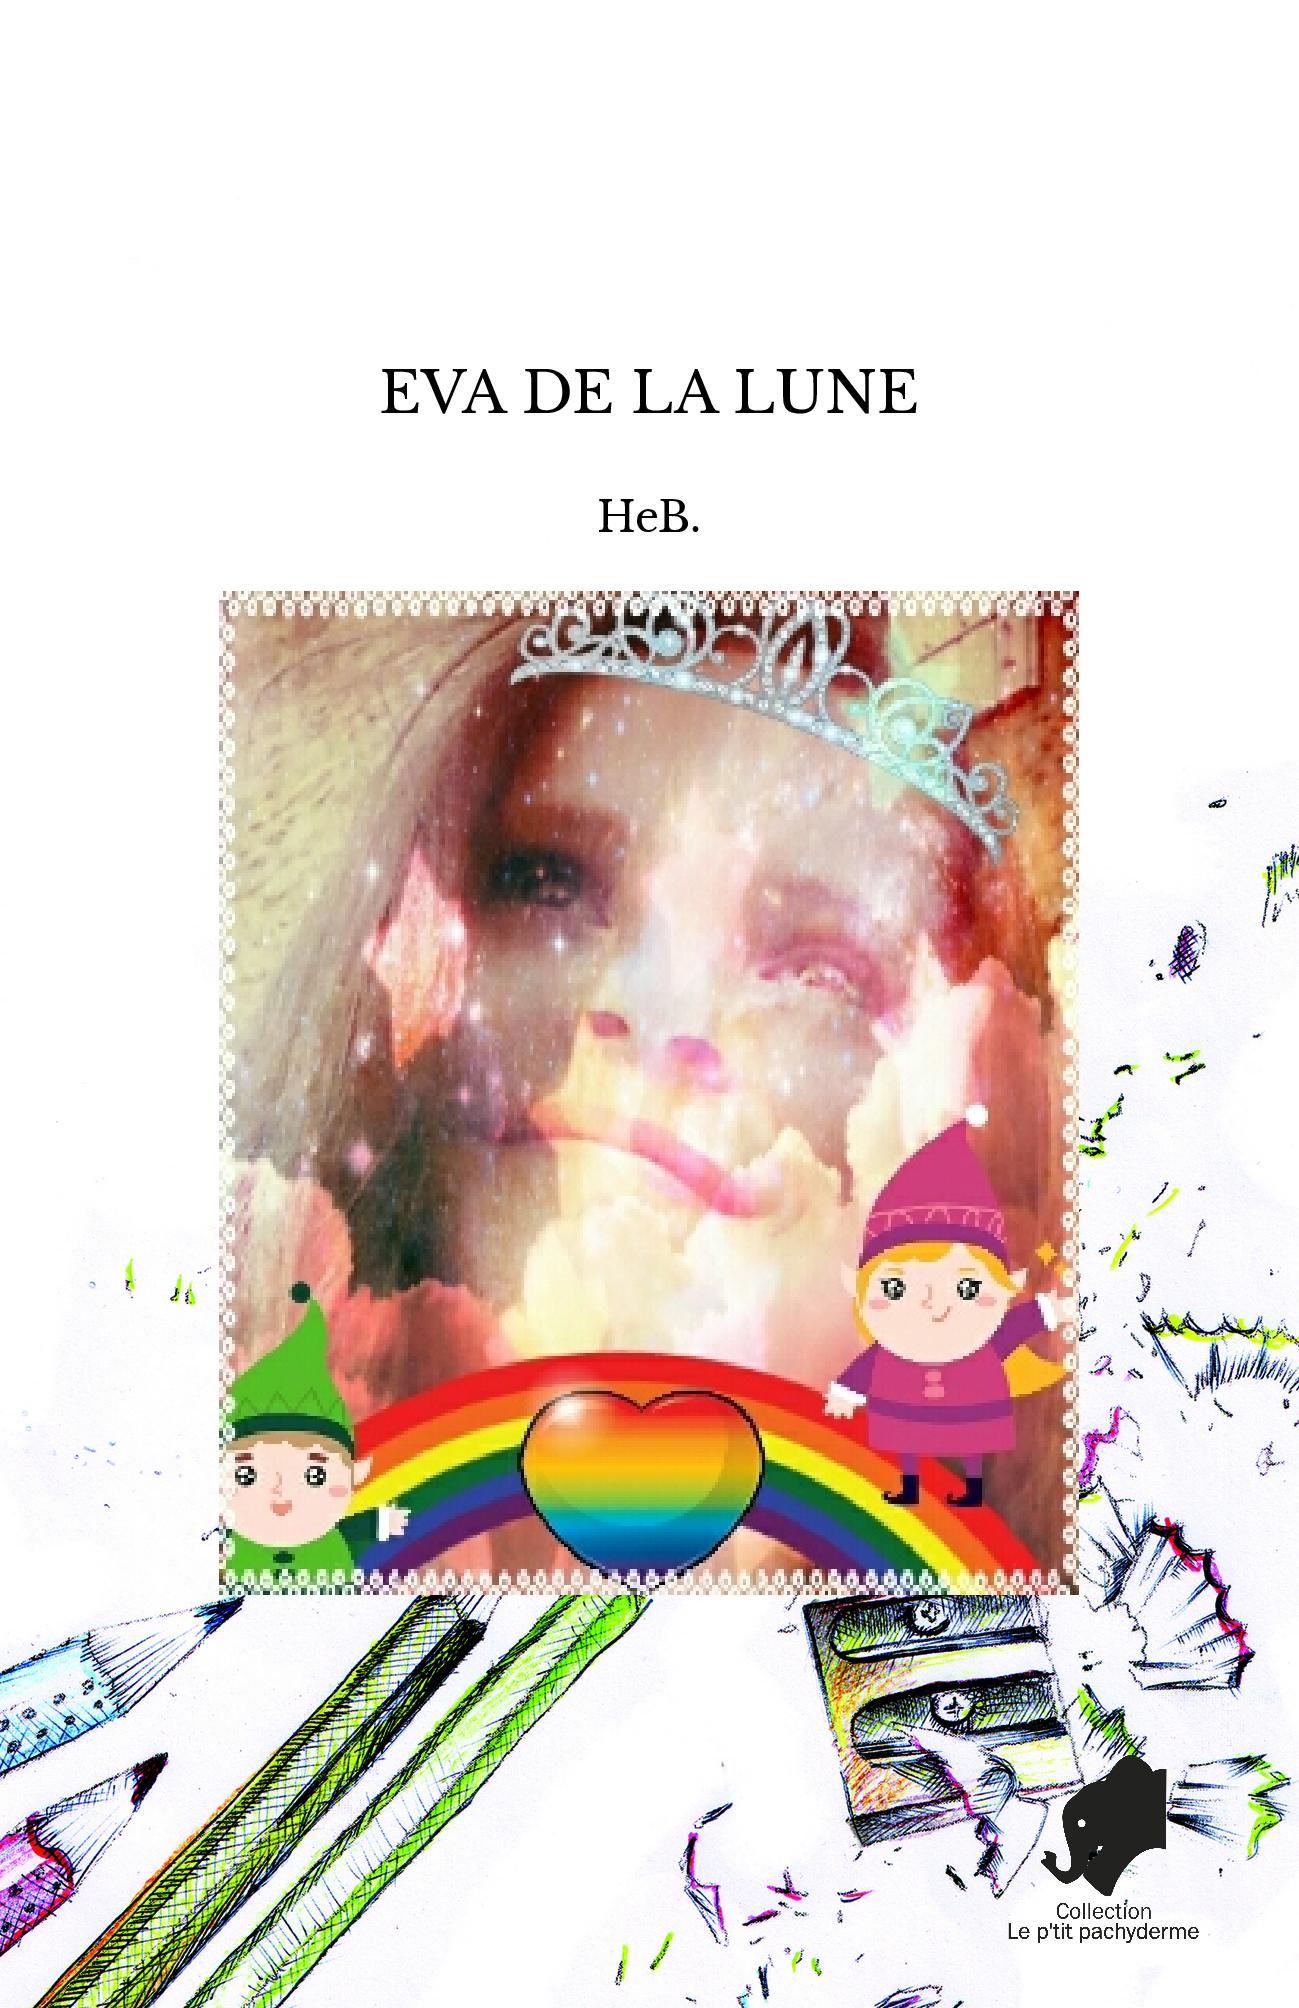 EVA DE LA LUNE